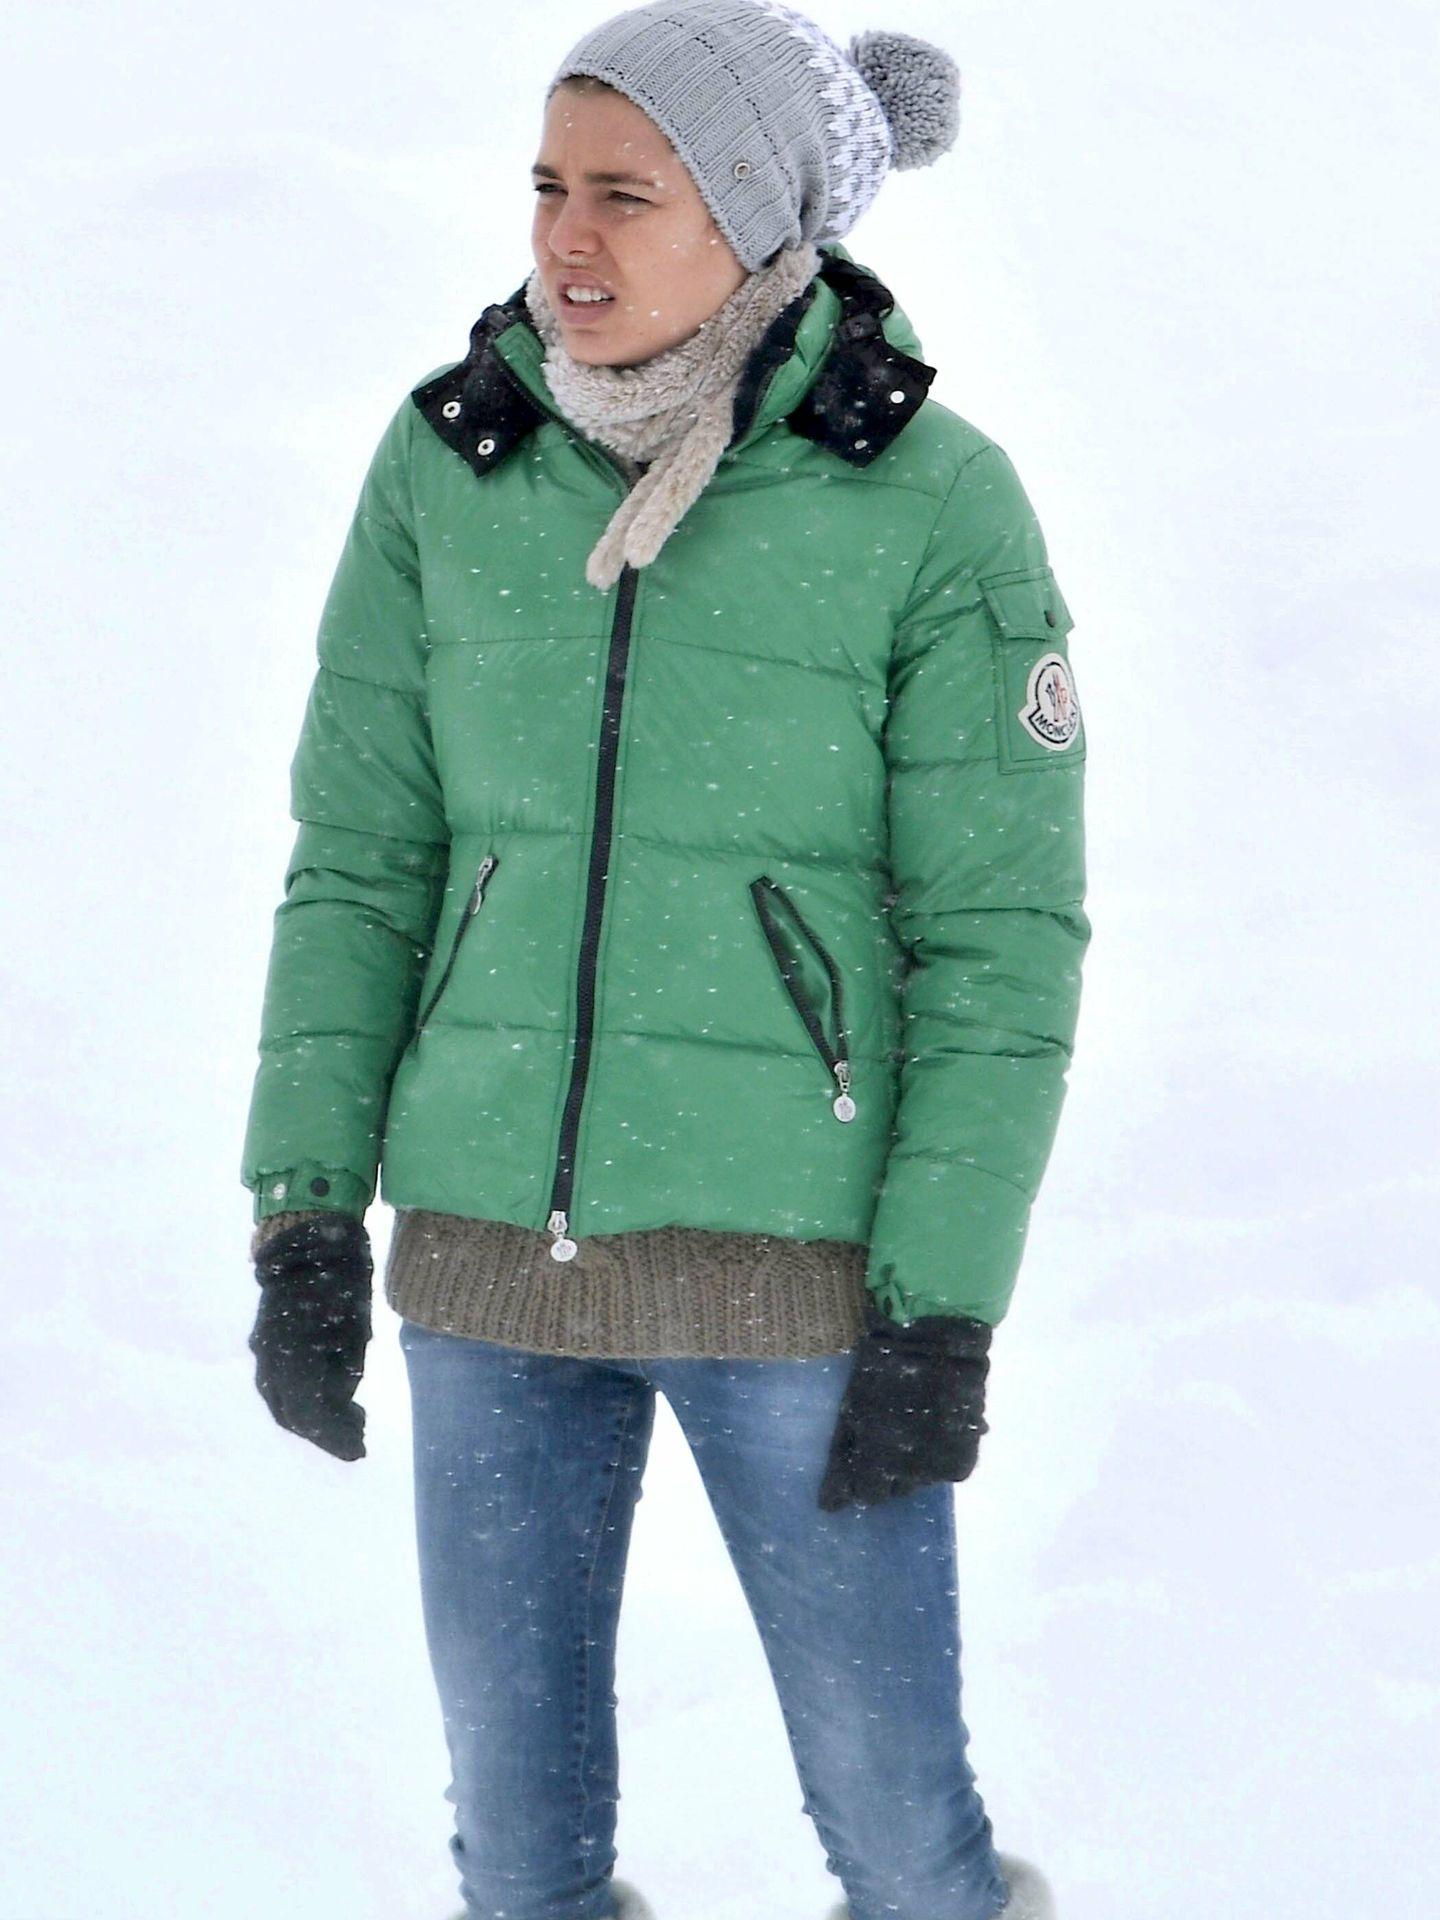 Carlota Casiraghi en la nieve. (CP)